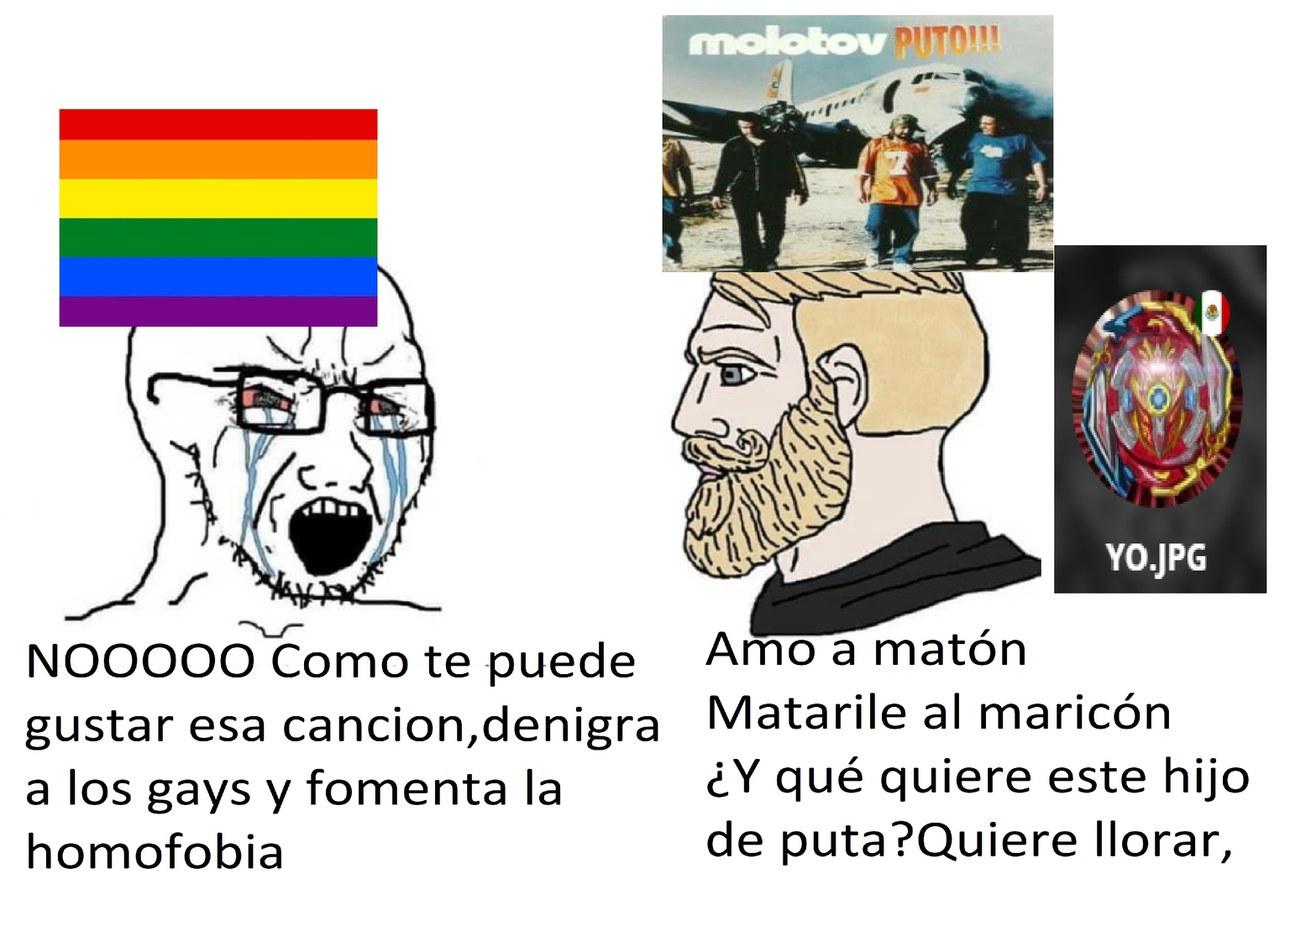 Meme con idea usada(creo)